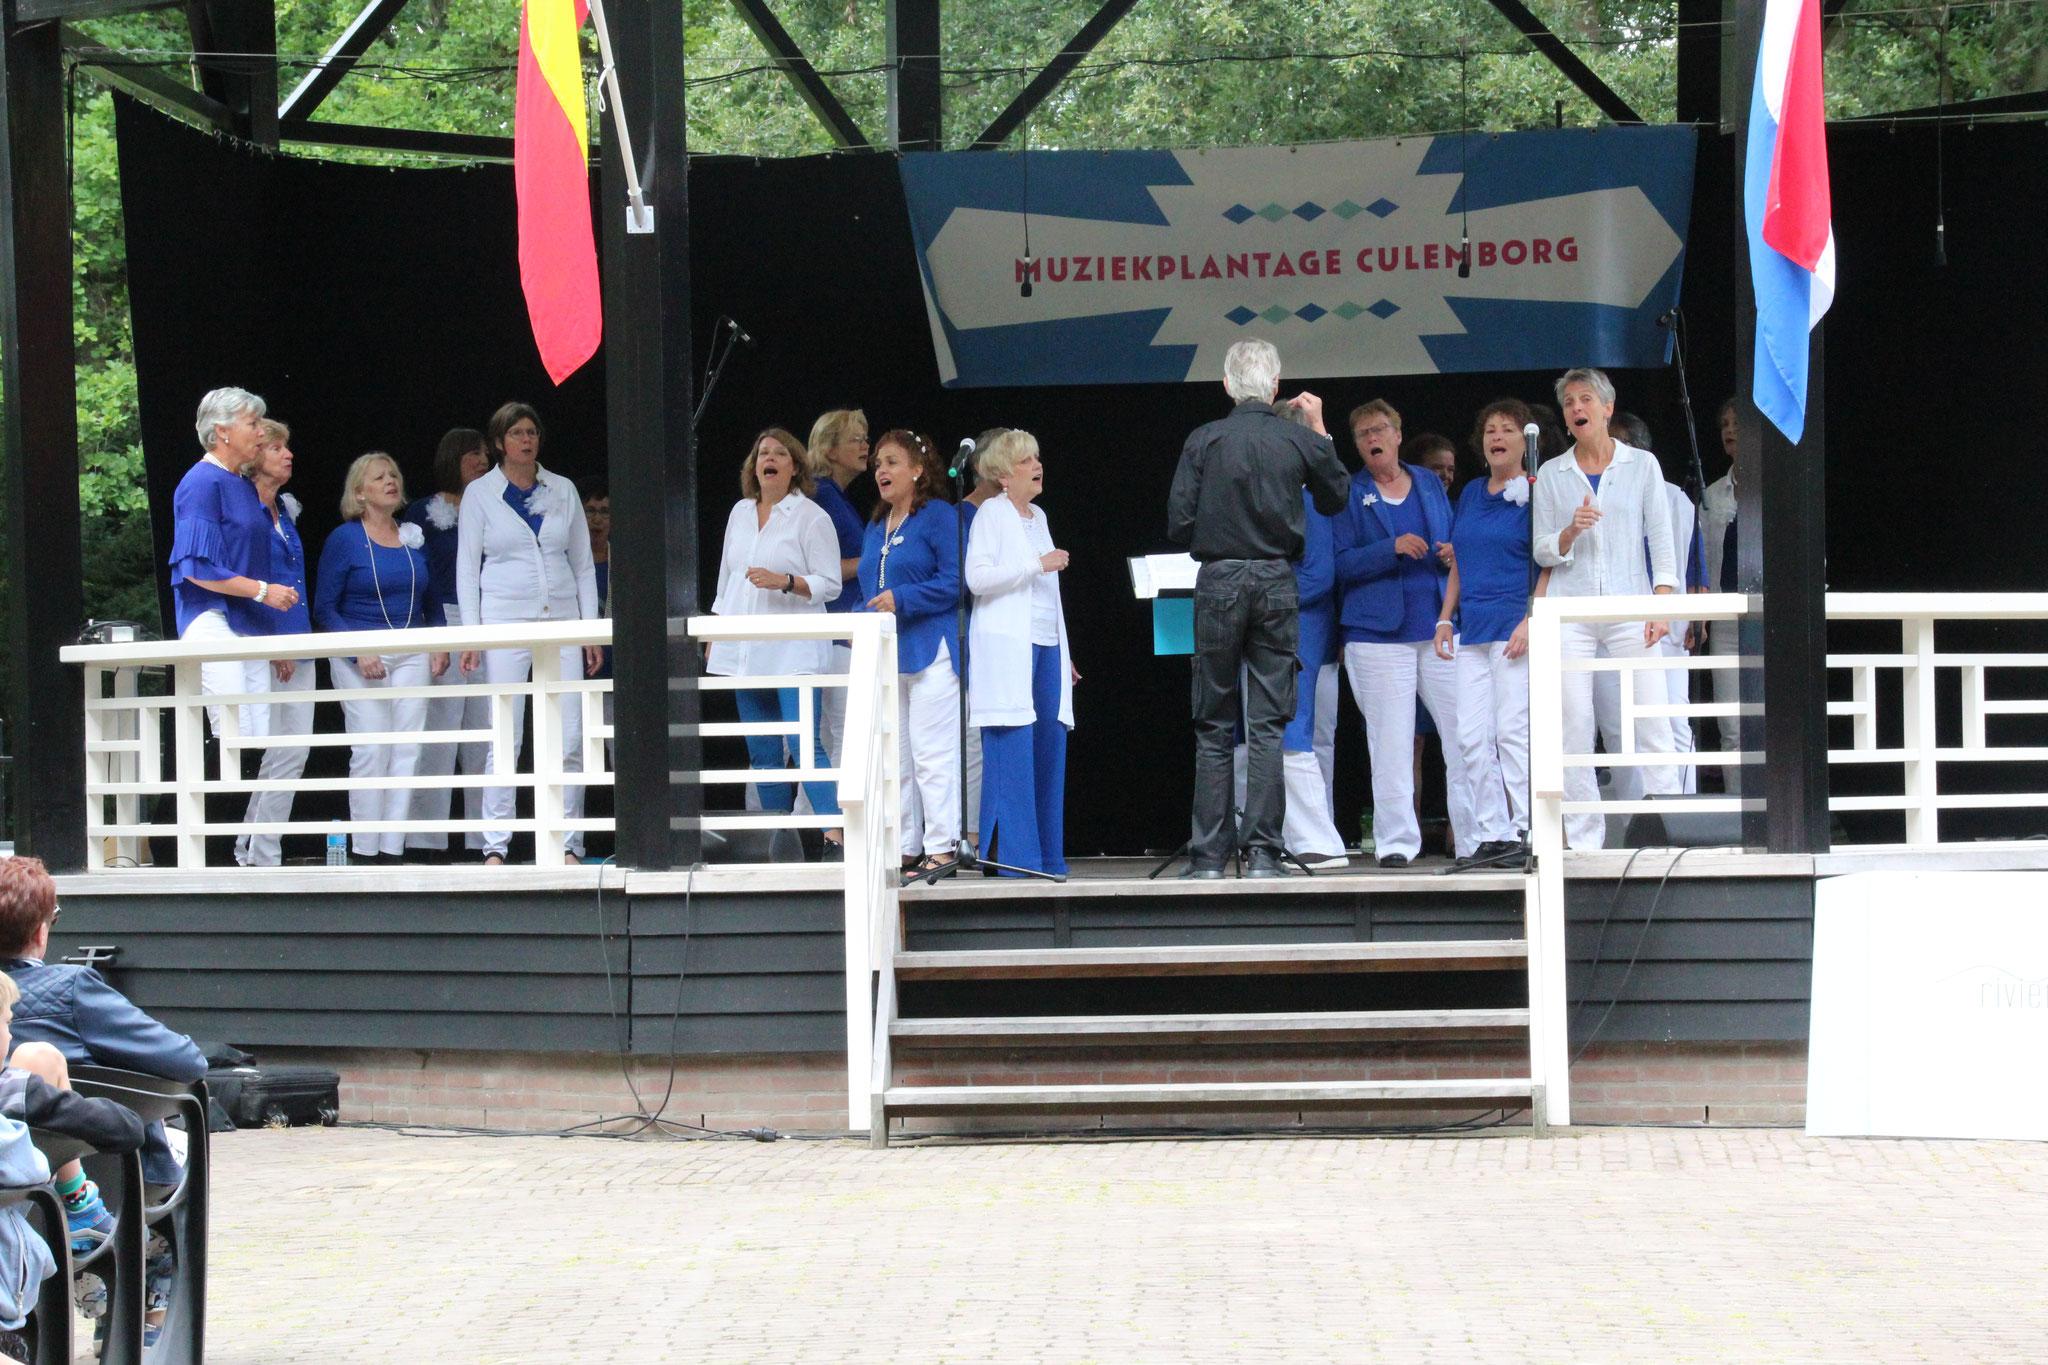 Muziektent De Plantage, Culemborg, 7 juli 2019